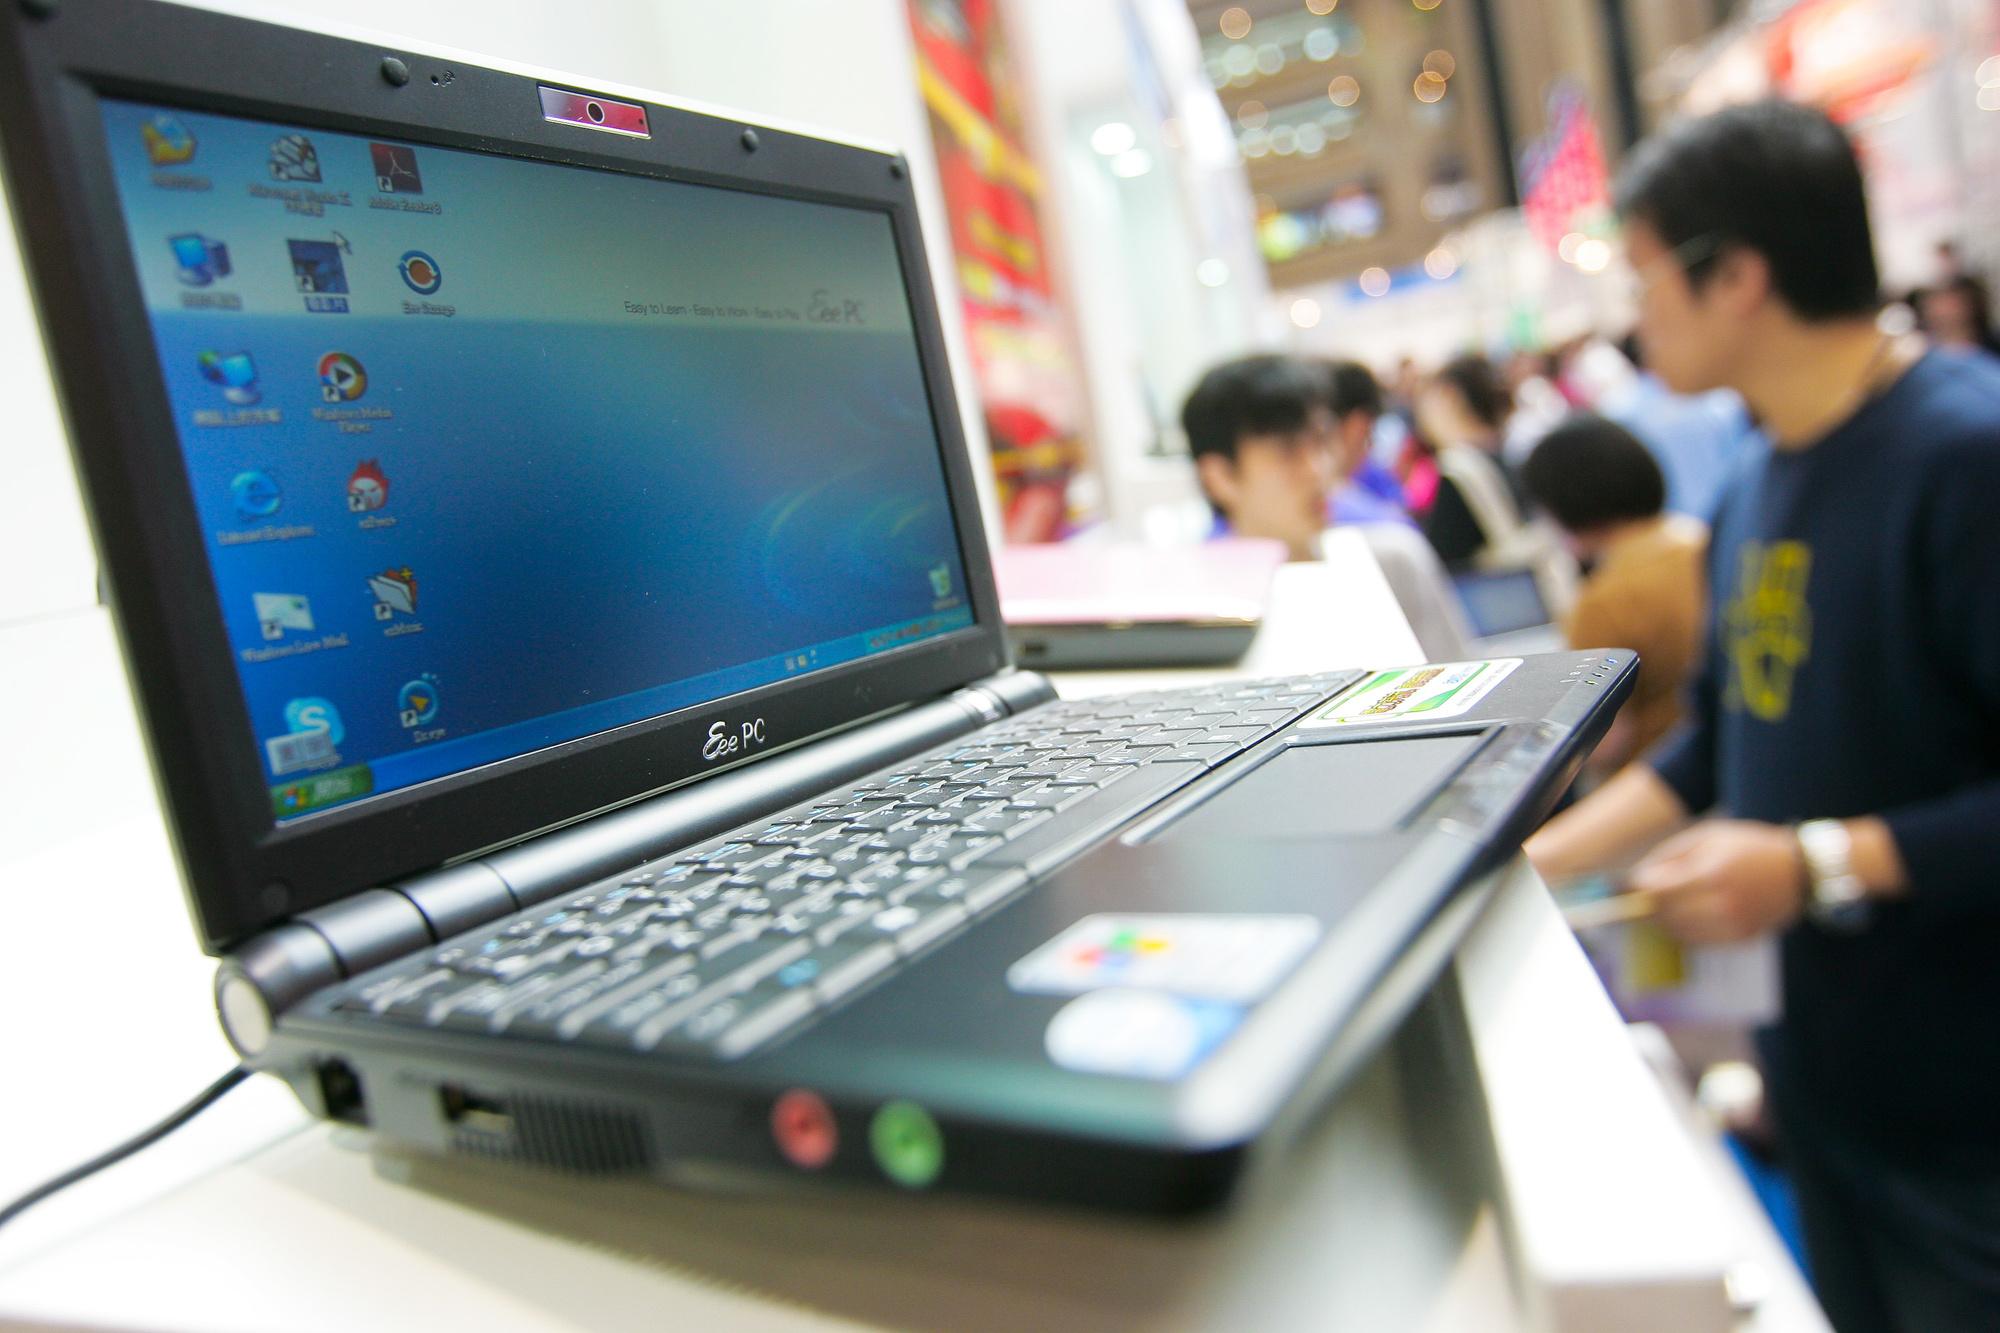 Asus kwam als een van de eersten met minilaptops of netbooks., Getty Images